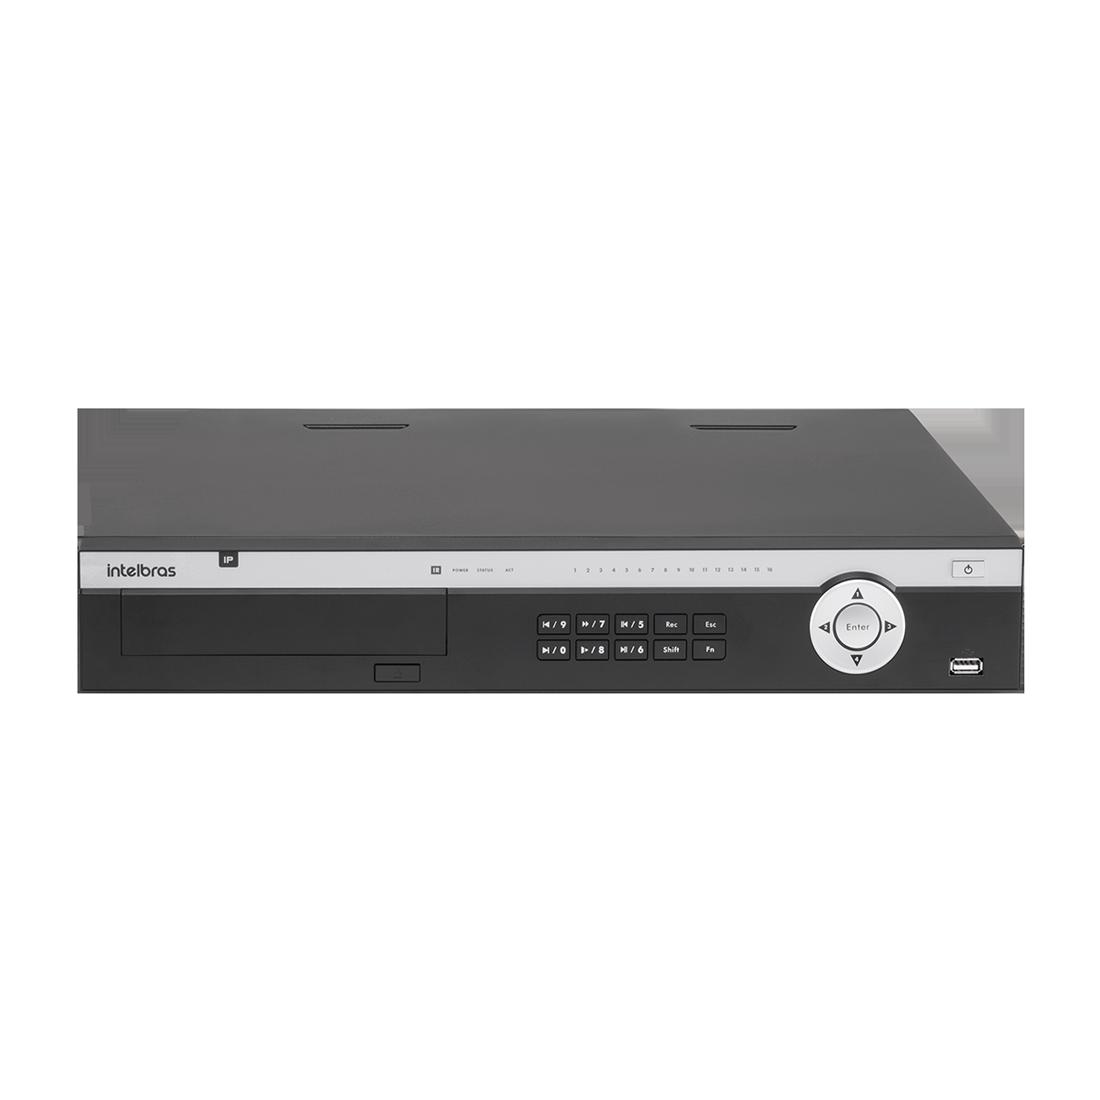 NVD 7132 COM HD 4TB - GRAV. DIG. DE VÍDEO EM REDE PARA ATÉ 32 CANAIS IP EM FULL HD @ 30 FPS, INTELIGÊNCIA DE VIDEO EM TODOS OS CANAIS, H.265, SUPORTE PARA 8HDS E SUPORTA CÂMERAS COM RESOLUÇÃO 4K - PRO  - Sandercomp Virtual